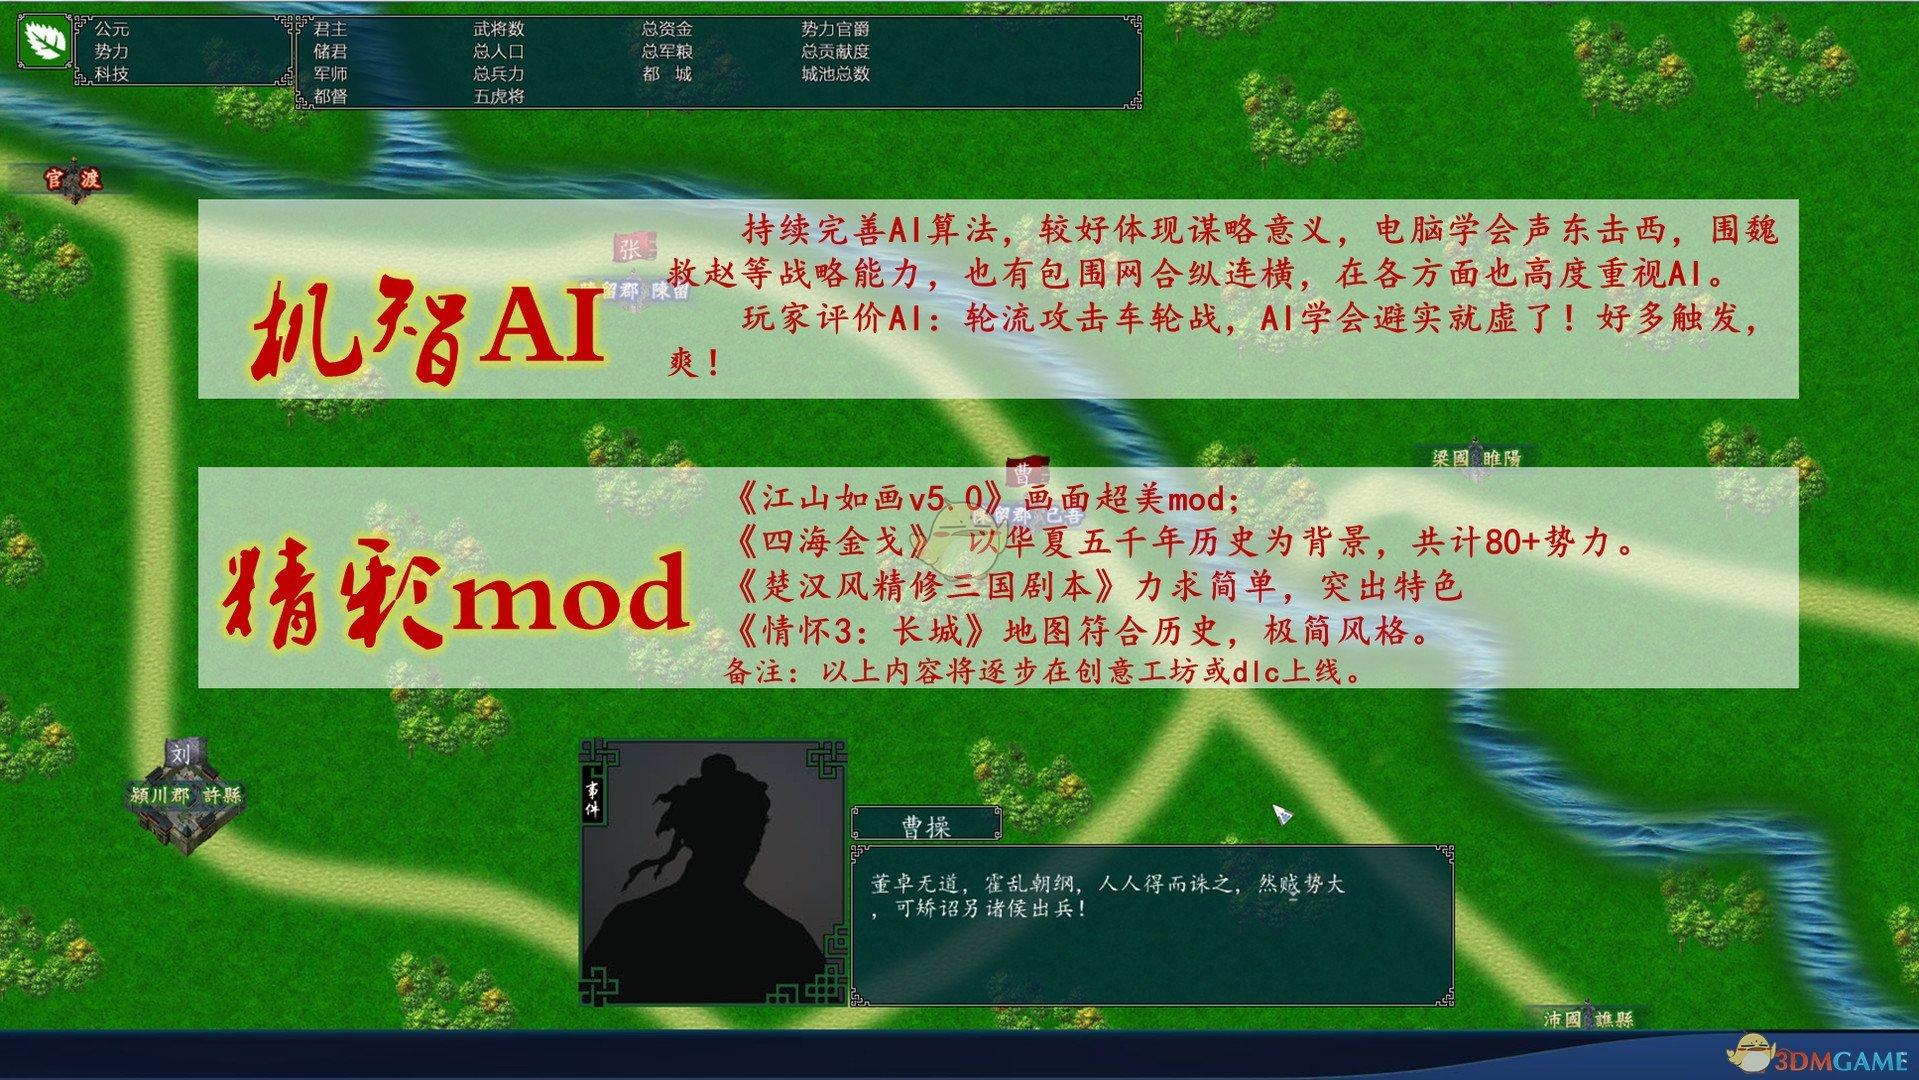 《中华三国志》称帝和禅位事件详解